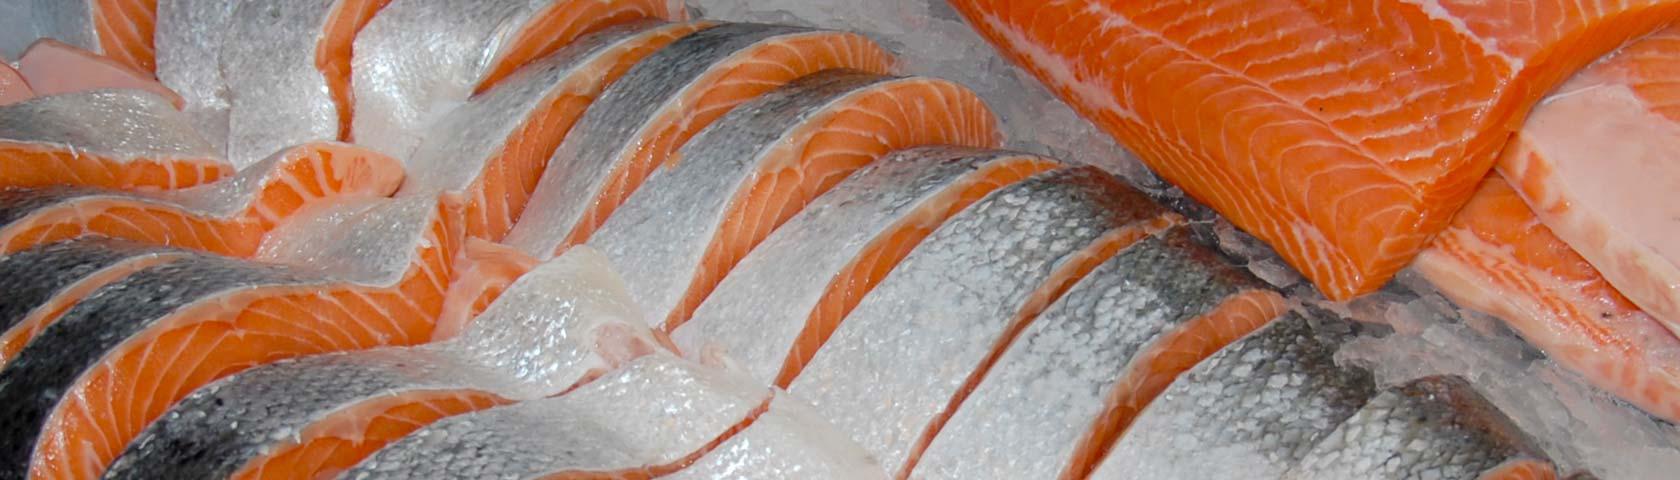 Edgar Madsen - altid et stort udvalg af frisk fisk og skaldyr især fra Nordsøen